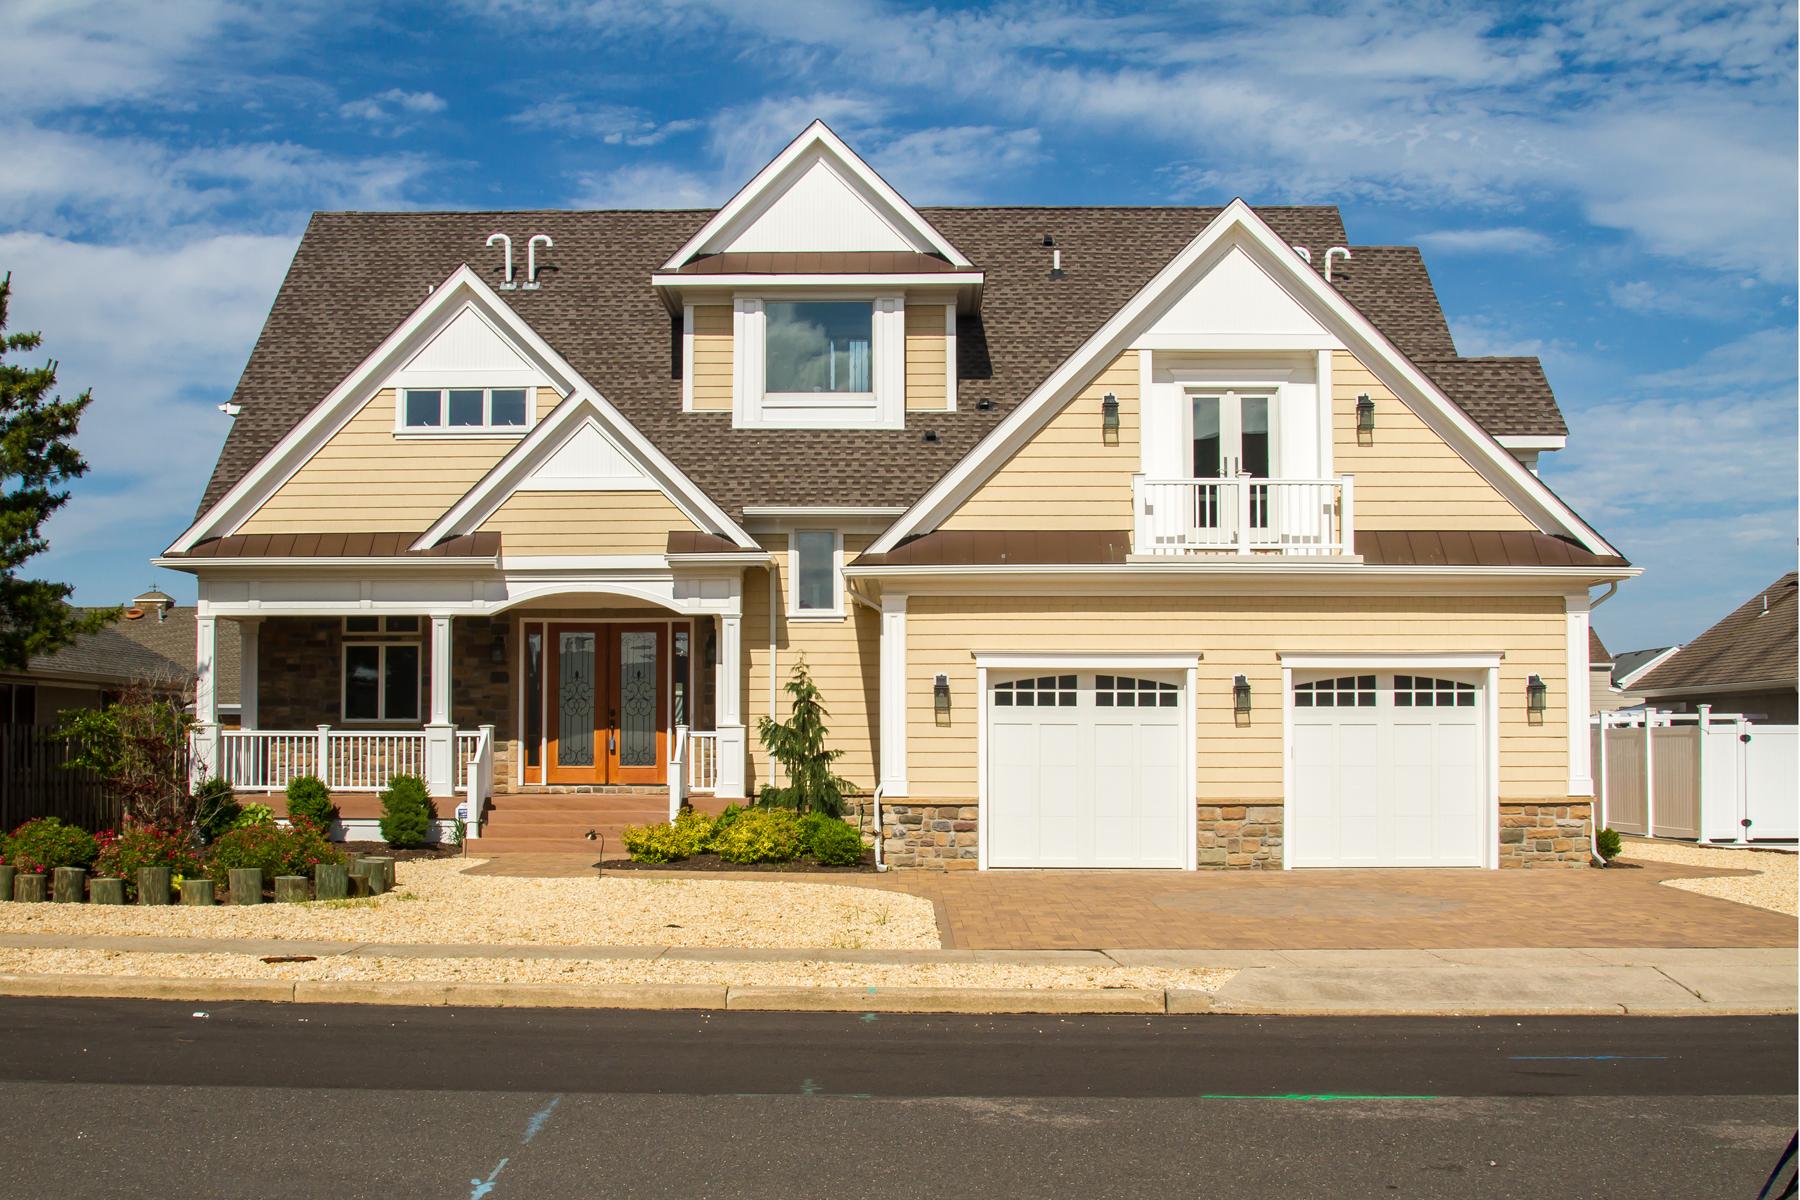 Maison unifamiliale pour l Vente à Stunning Custom Built Lagoon Front Home 206 Valhalla Drive Mantoloking, New Jersey 08738 États-Unis